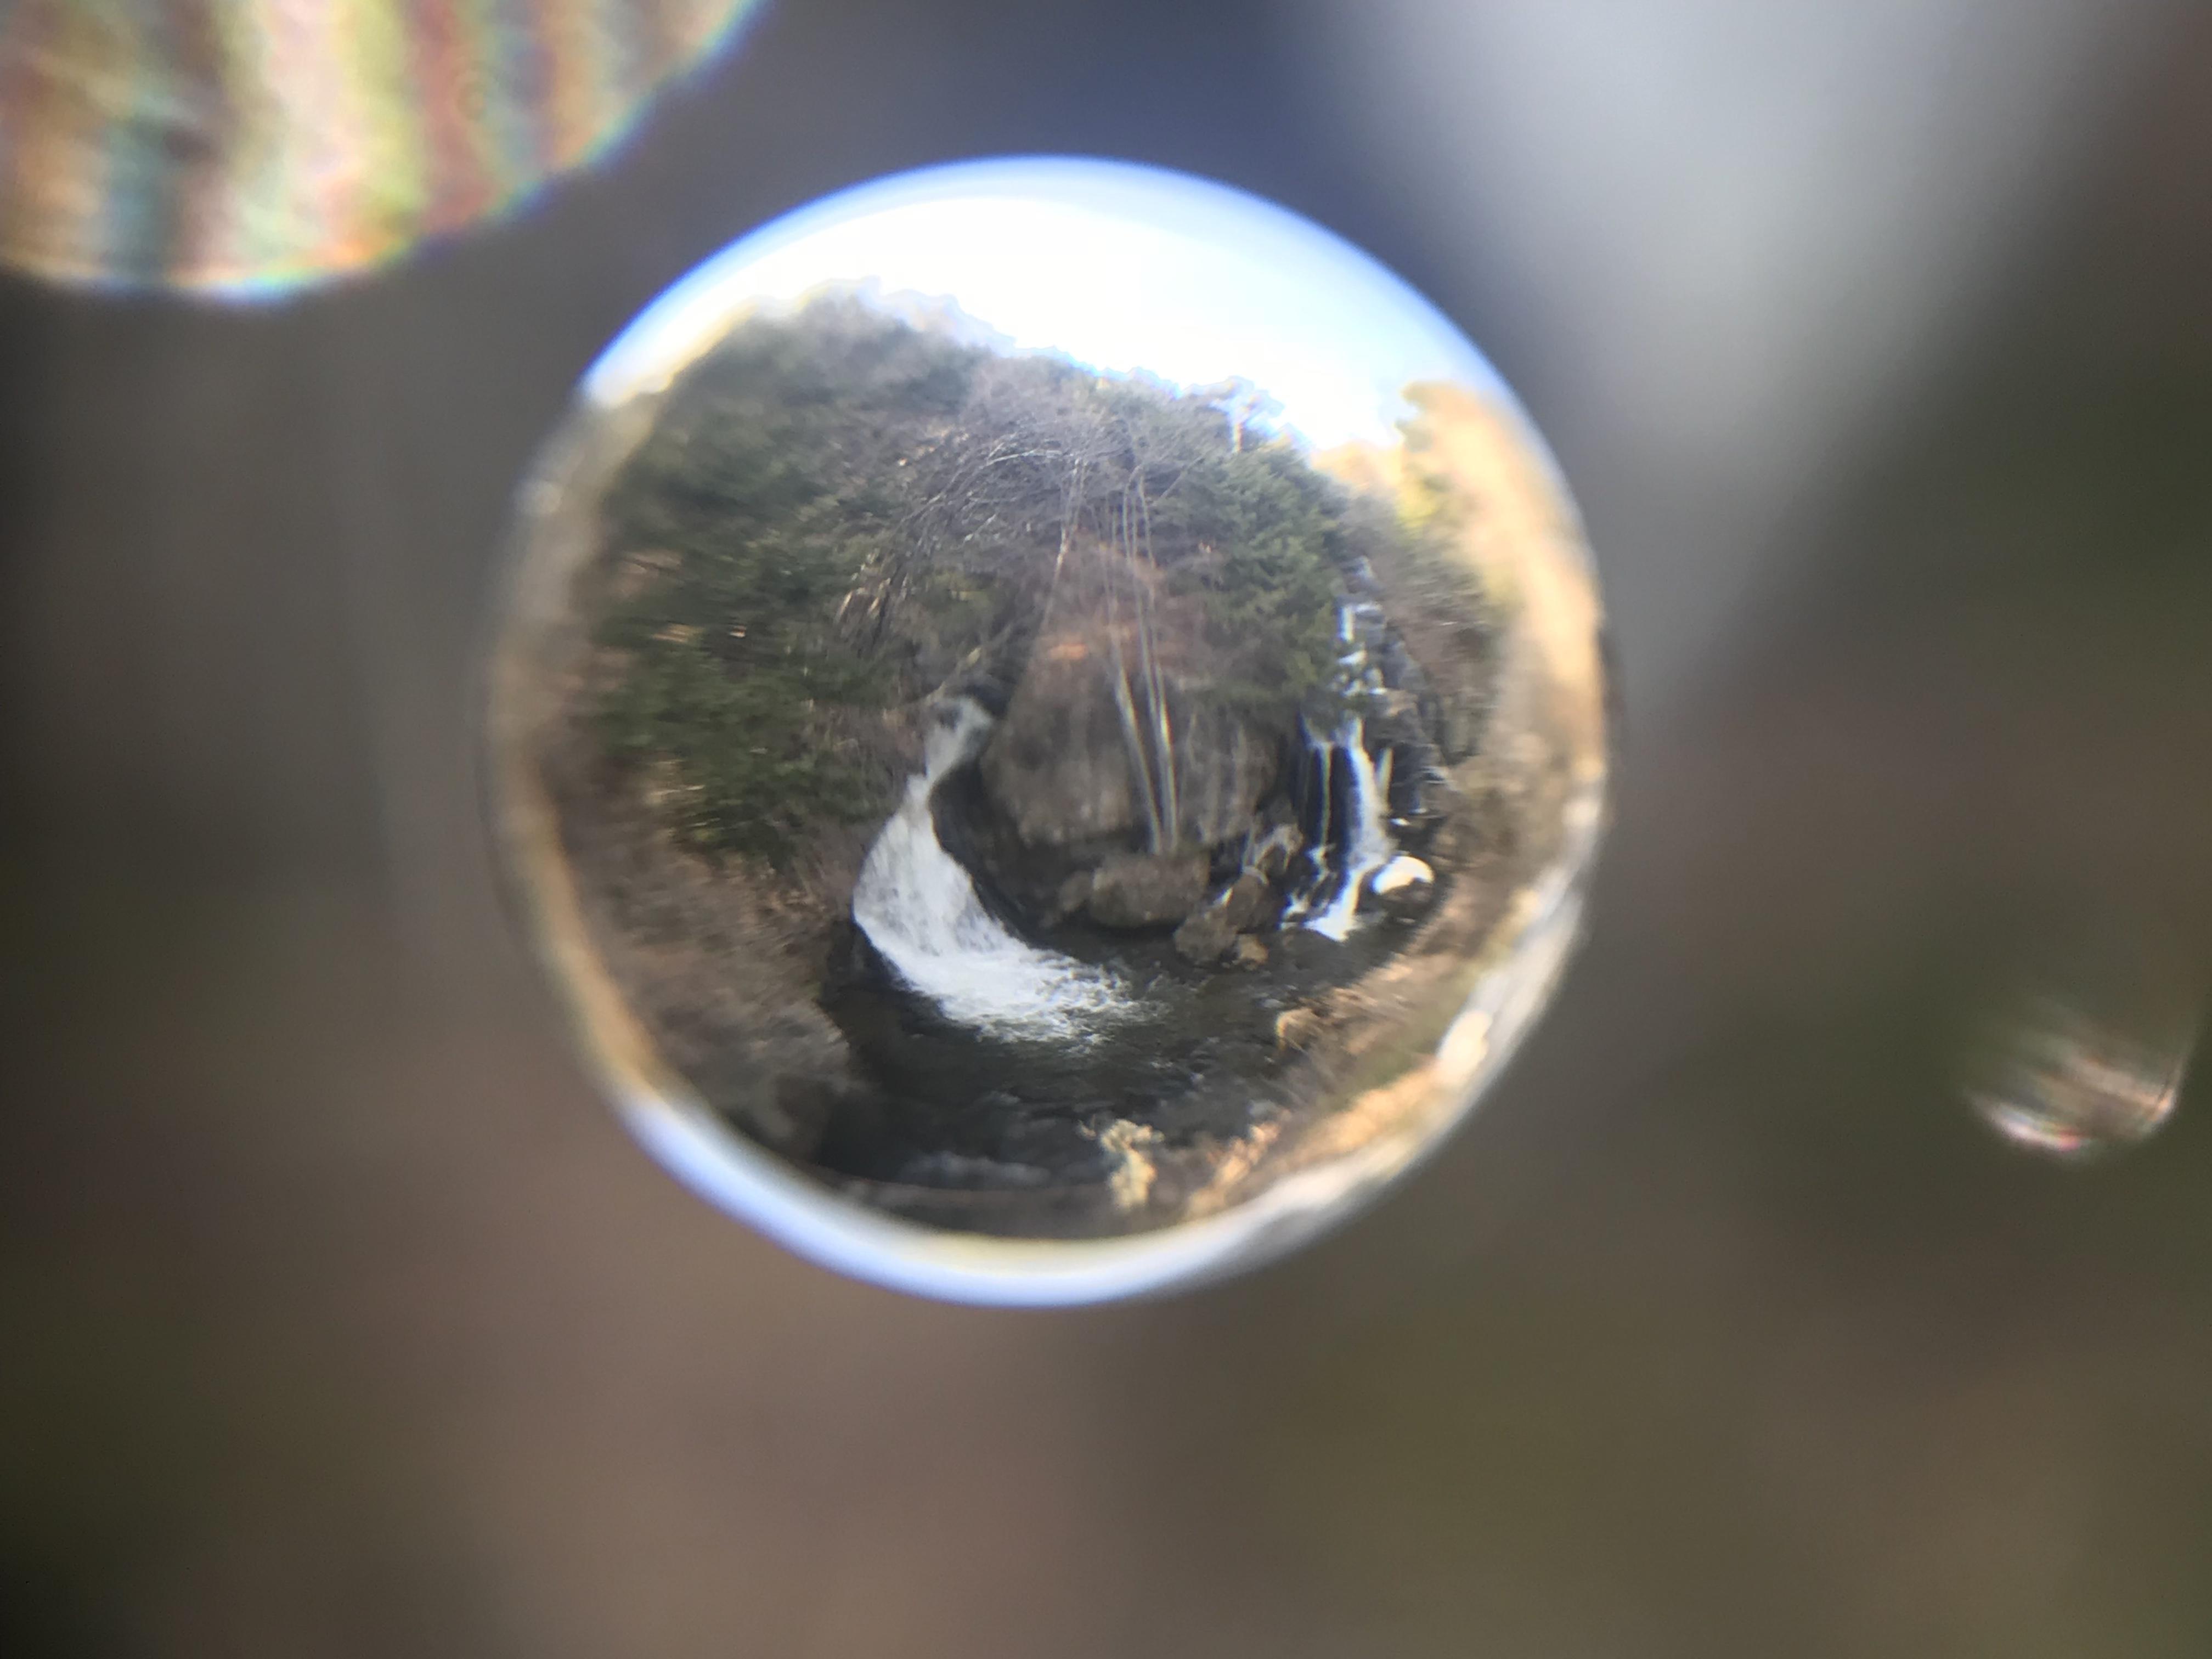 宇宙玉(そらたま)レンズで「竜頭の滝」をパチリ